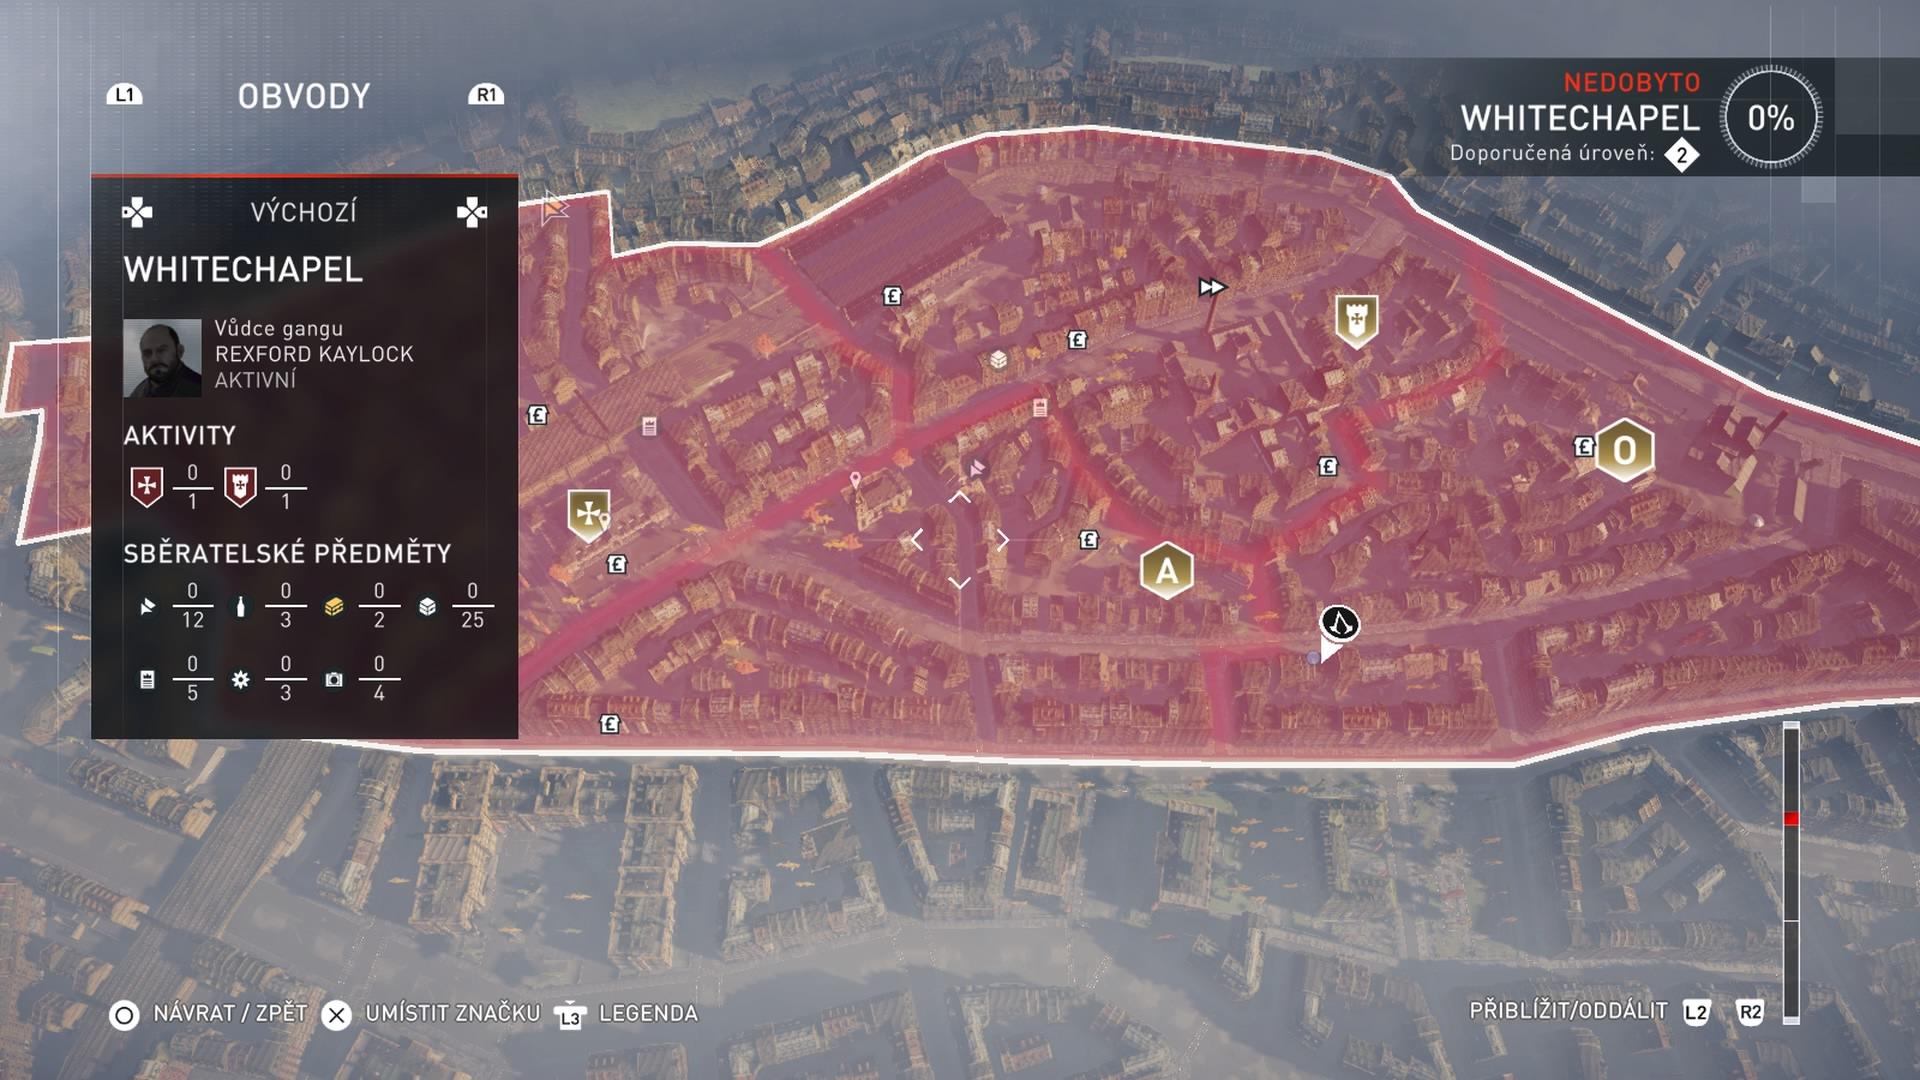 Čeština v Assassin's Creed: Syndicate je kompletní 115343